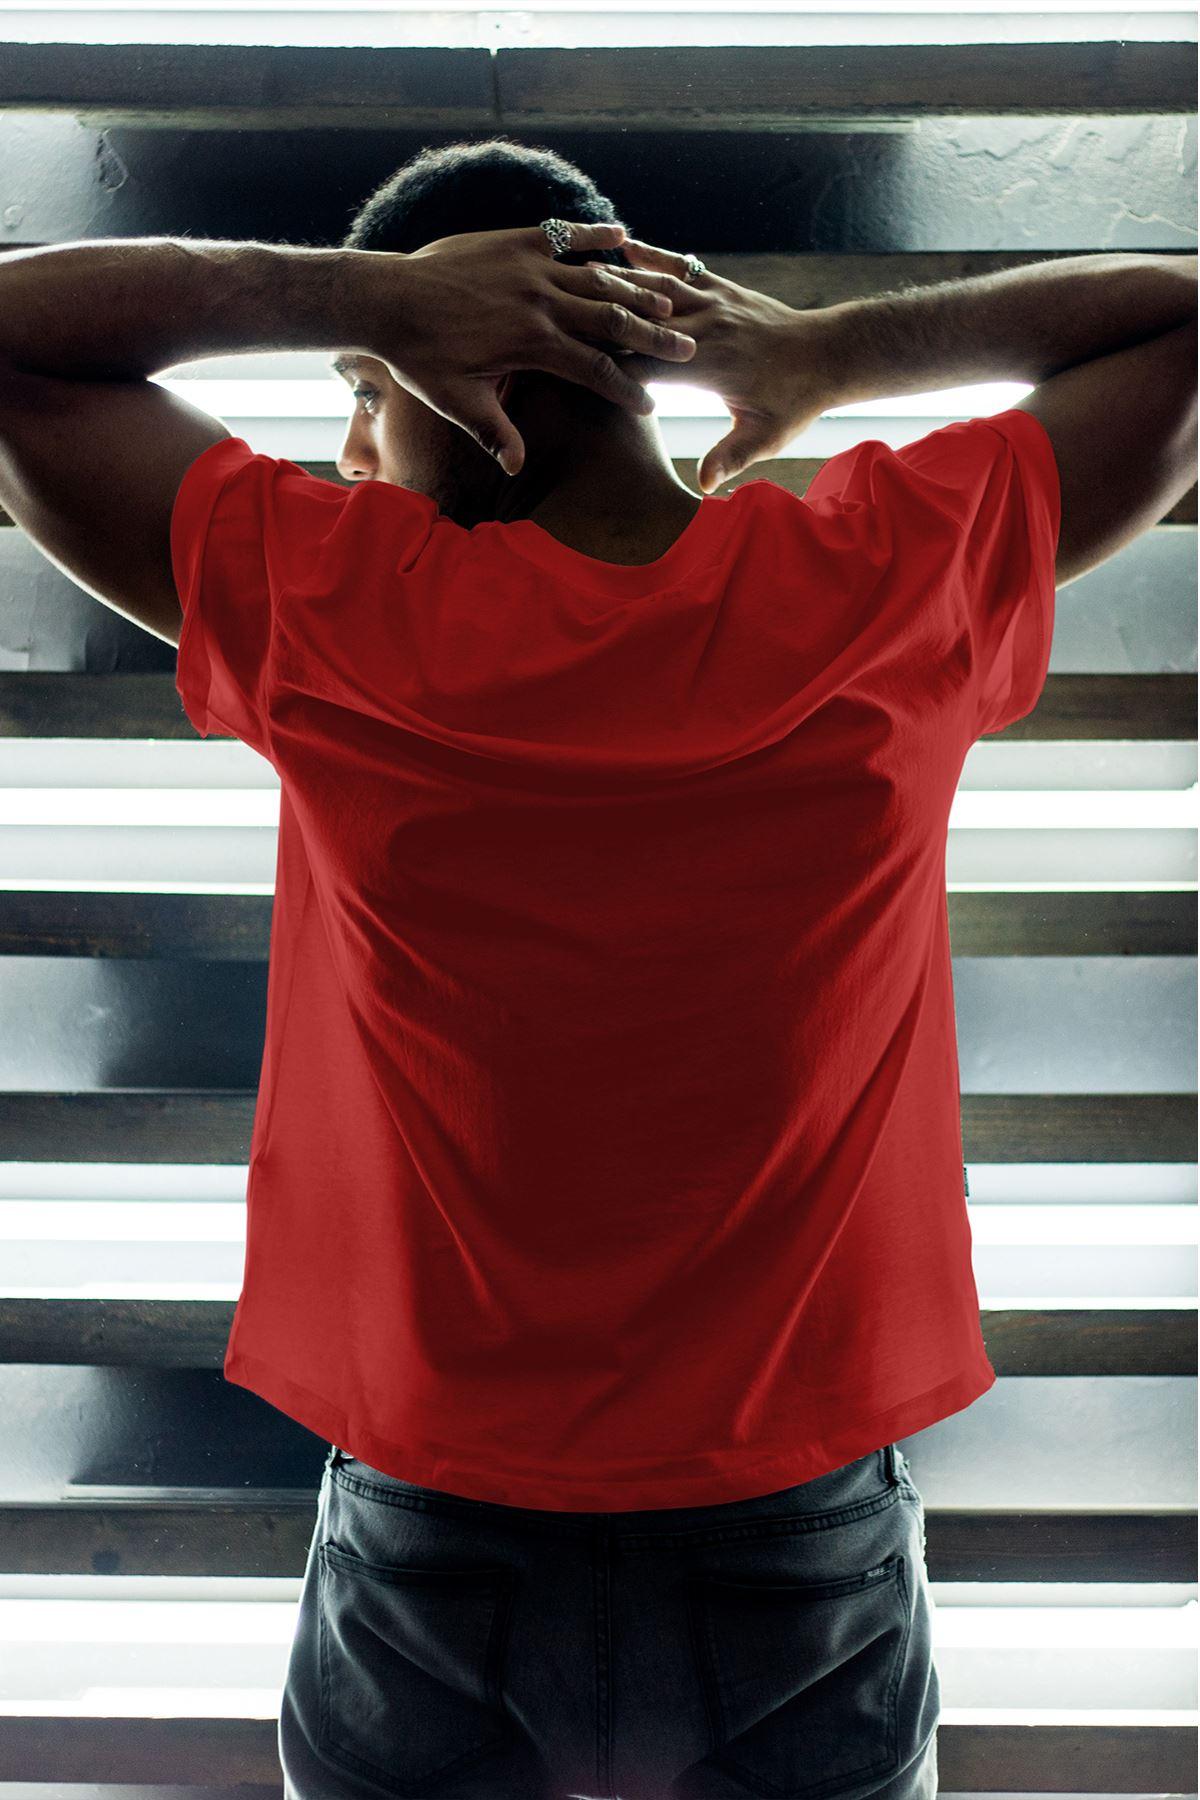 Attack on Titan Kırmızı Erkek Oversize Tshirt - Tişört